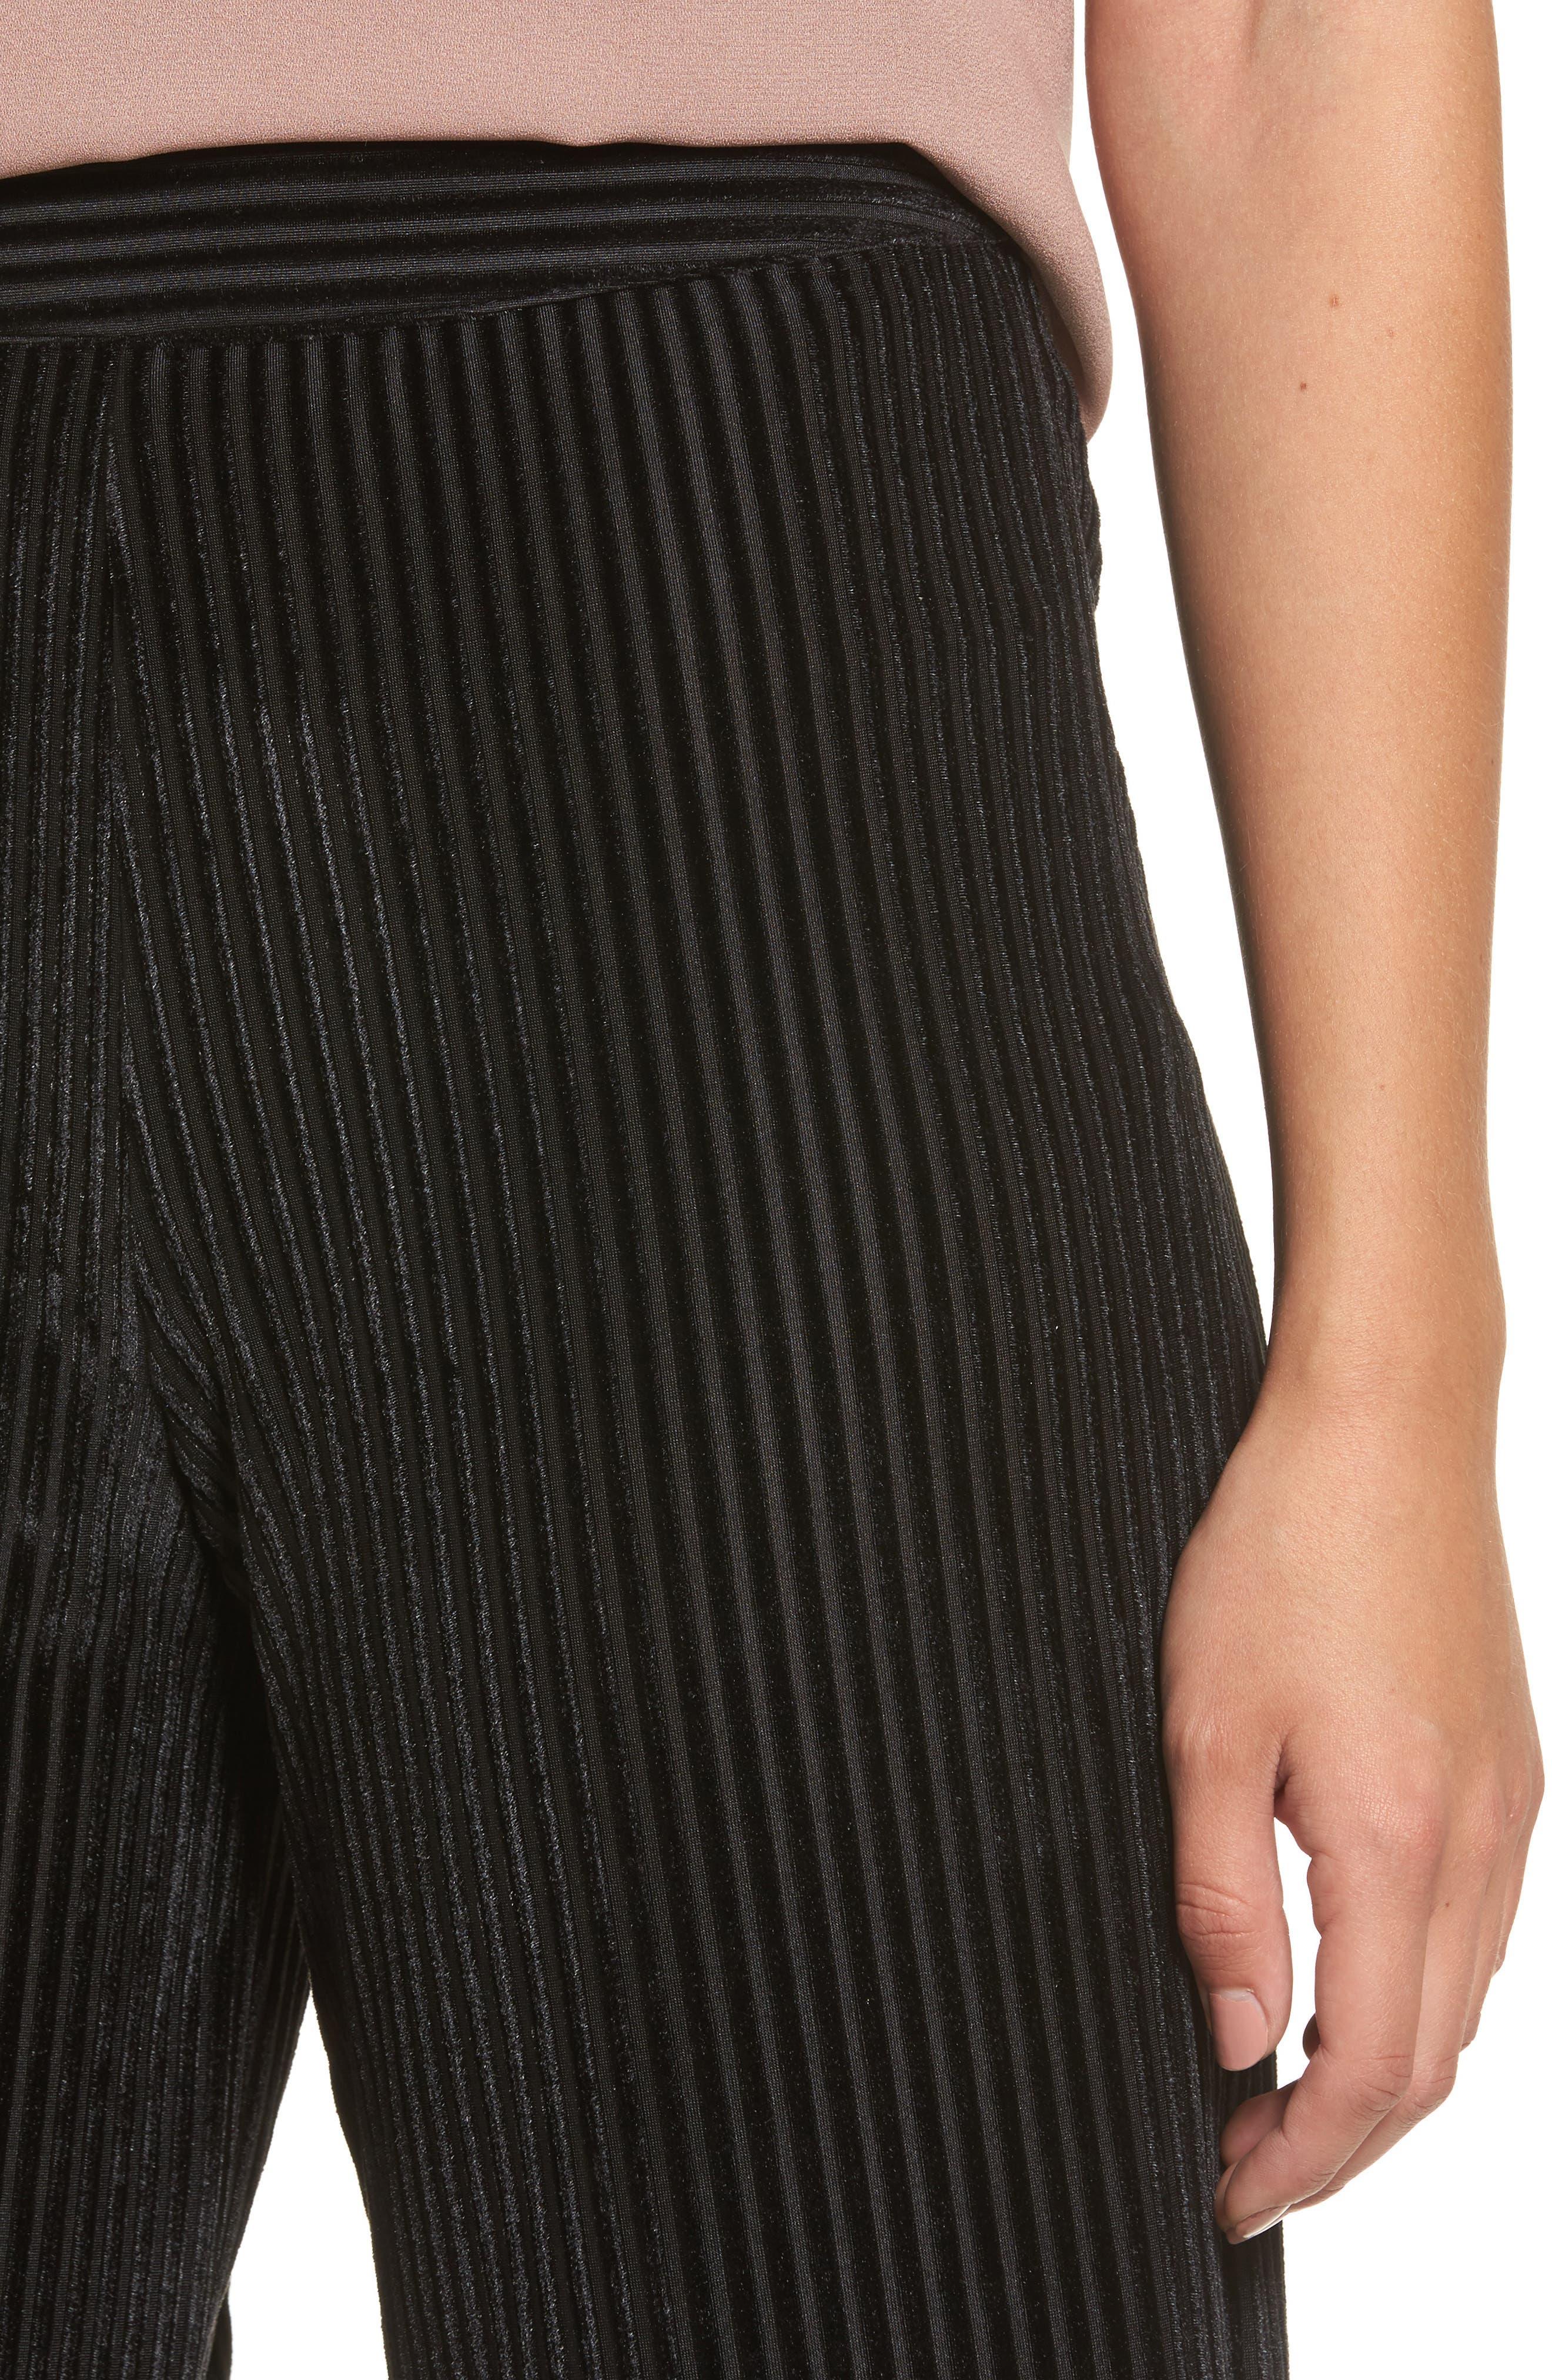 Marley Velvet Pants,                             Alternate thumbnail 4, color,                             Black